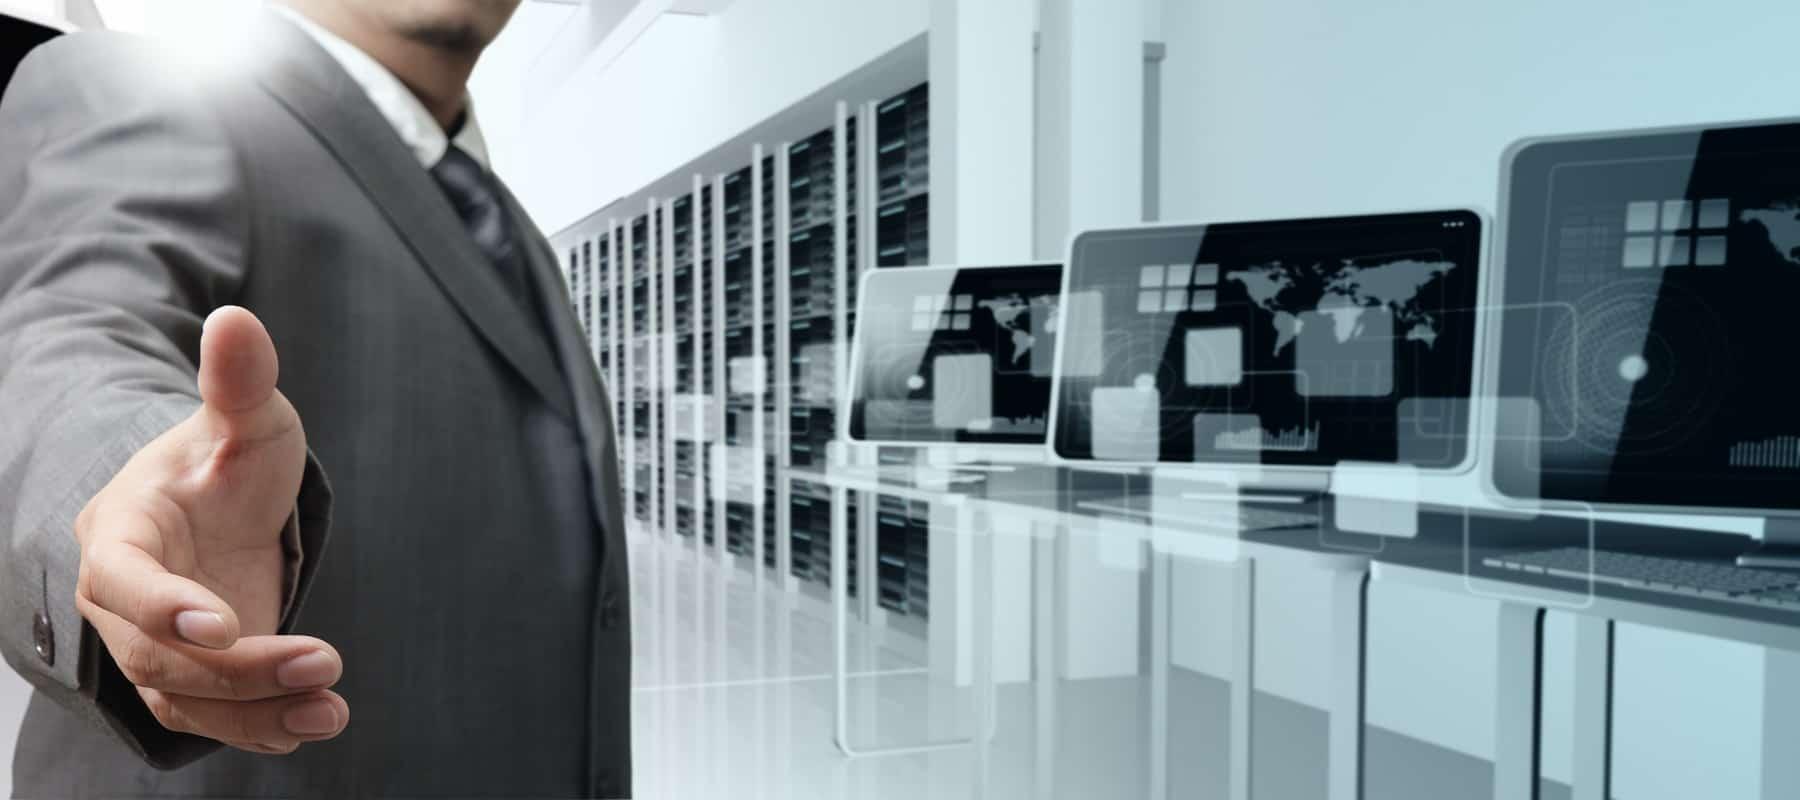 Digital Training & Certifications